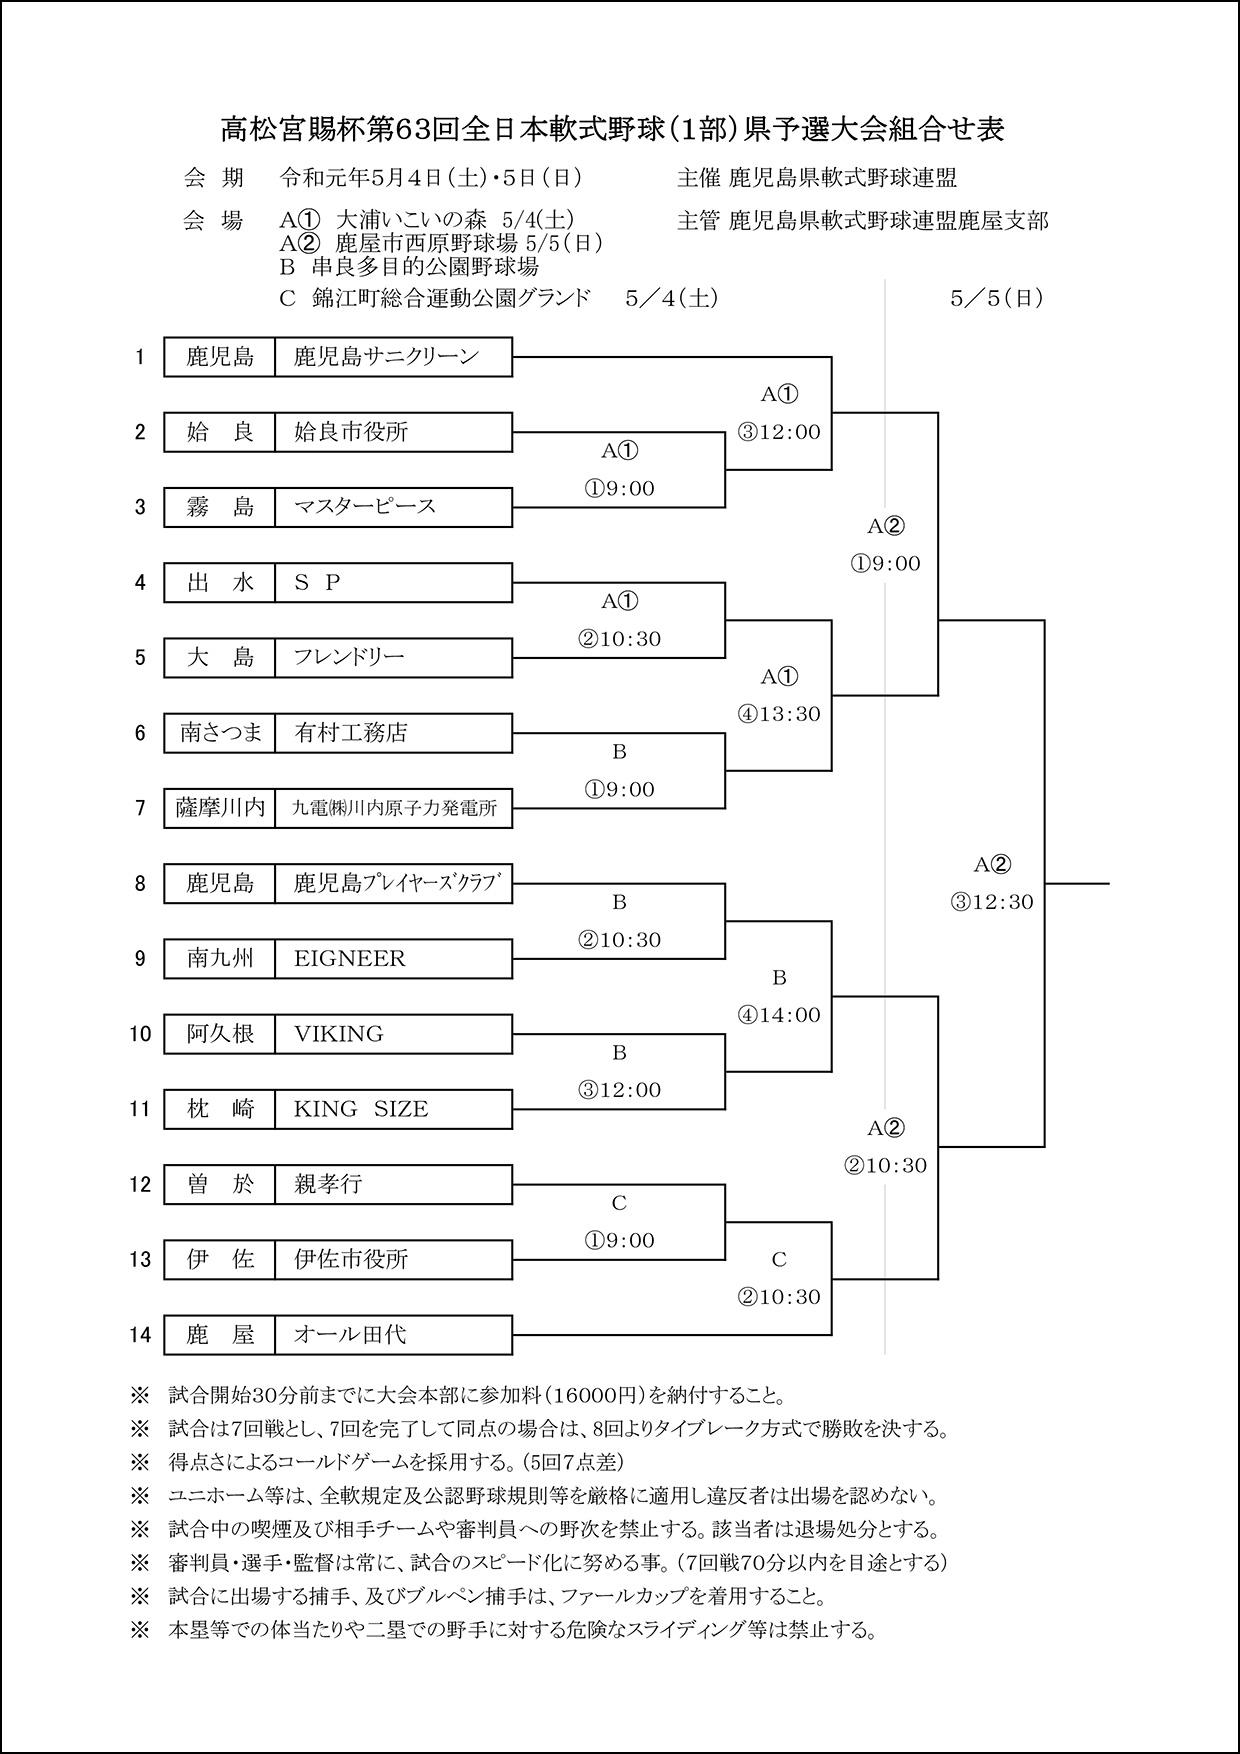 【訂正】第63回高松宮1部組合せ表